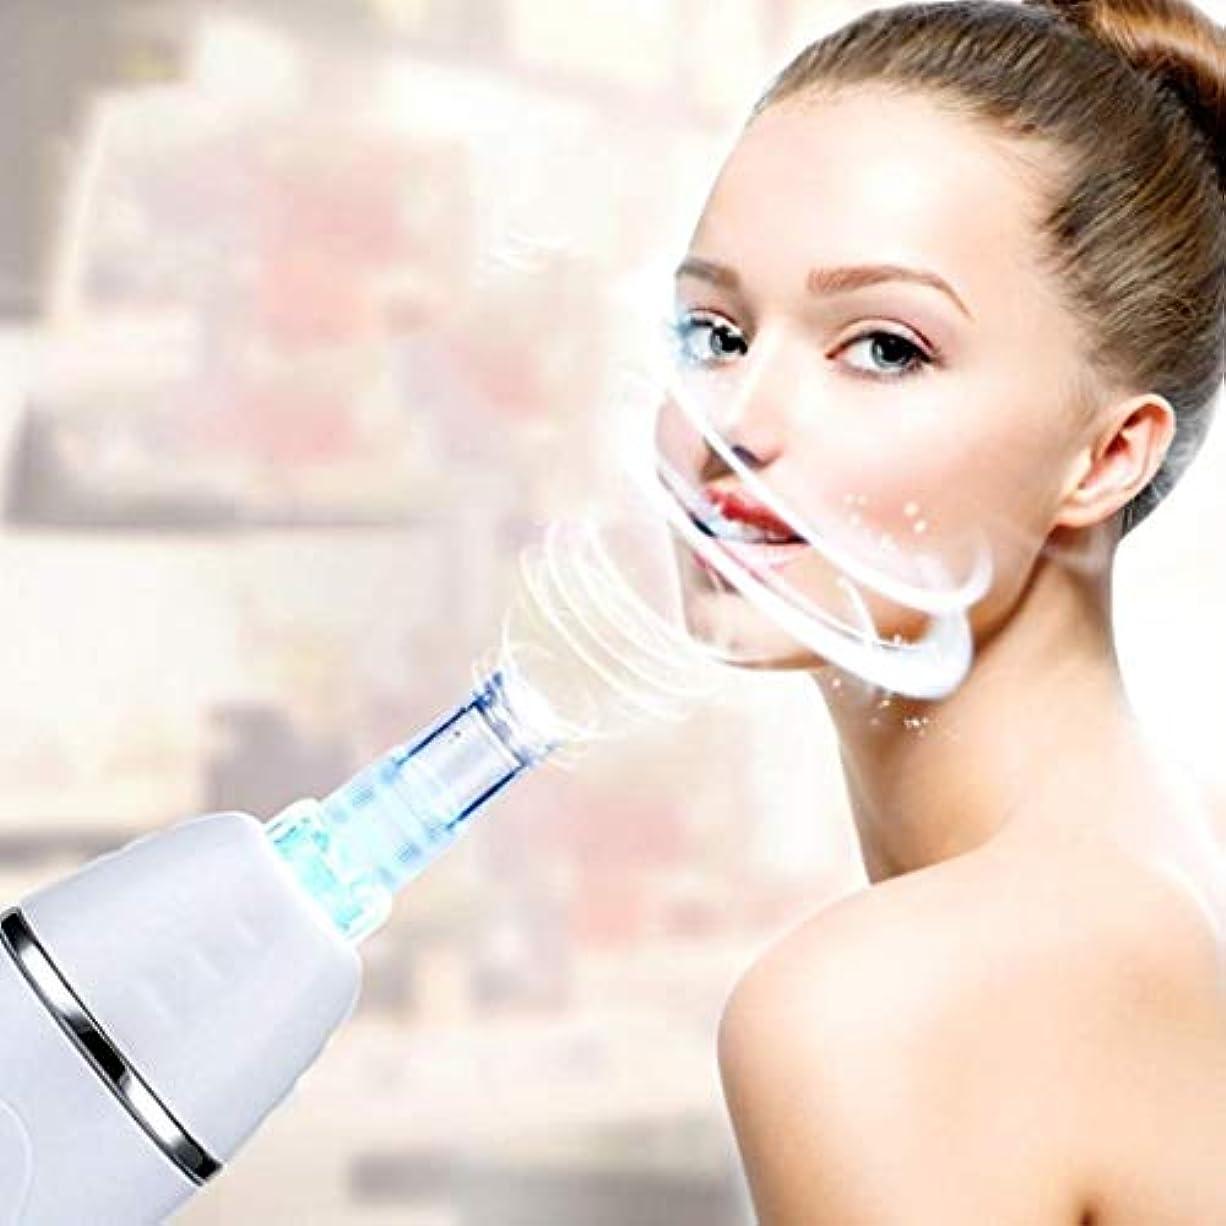 マトロン偽装するモジュール美容機器、顔にきび毛穴クリーナー、にきびの除去、しわ、メラニンの沈殿を減らす